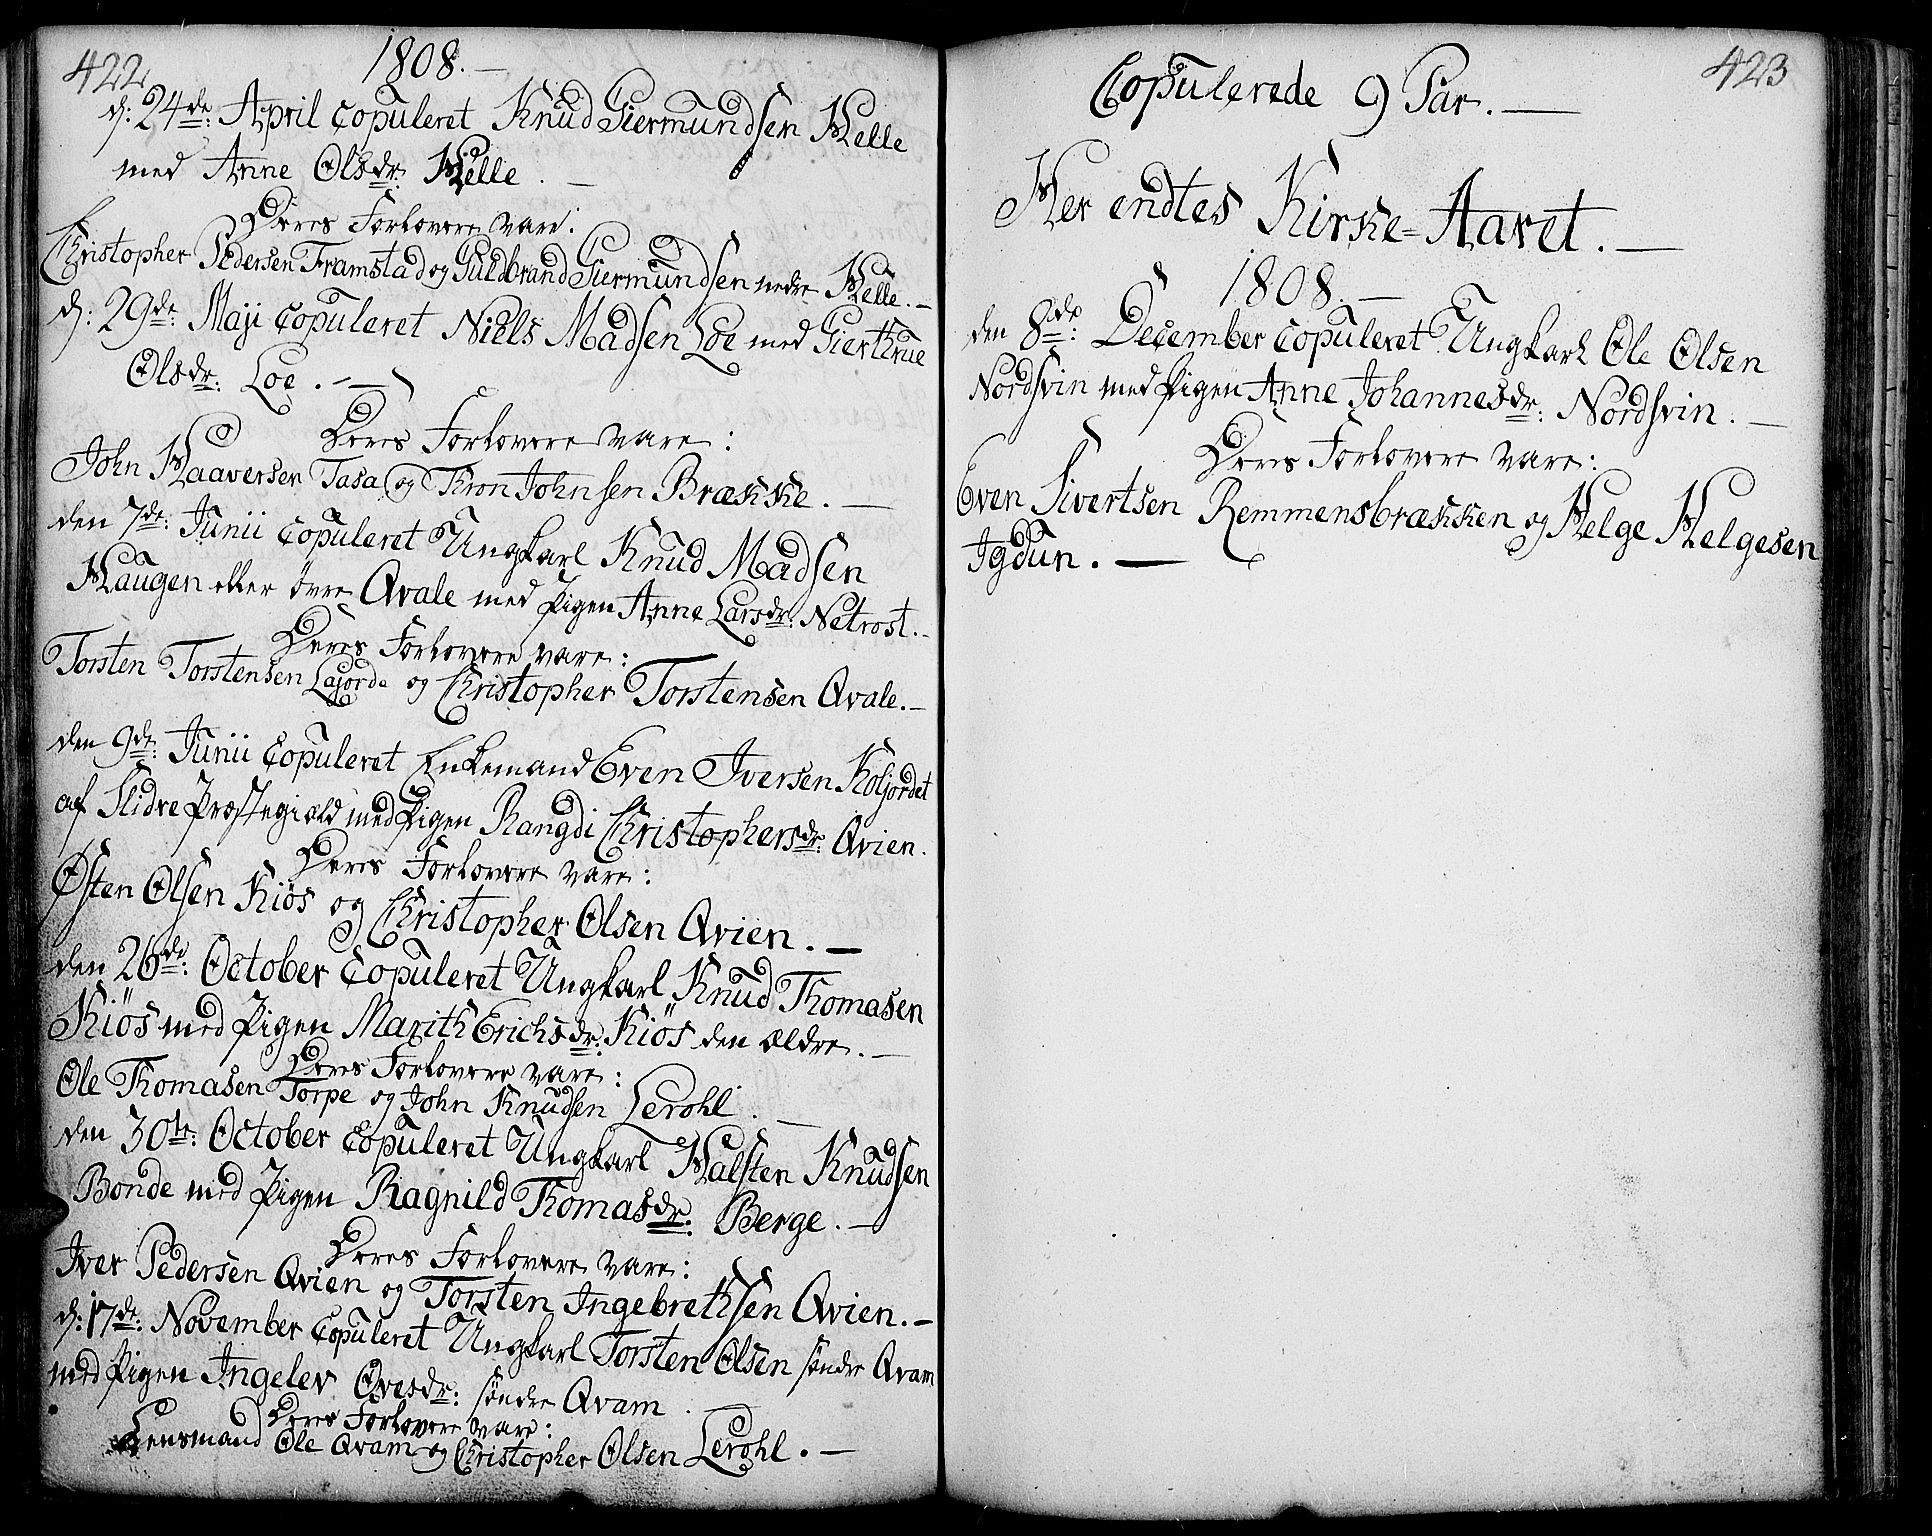 SAH, Vang prestekontor, Valdres, Ministerialbok nr. 2, 1796-1808, s. 422-423